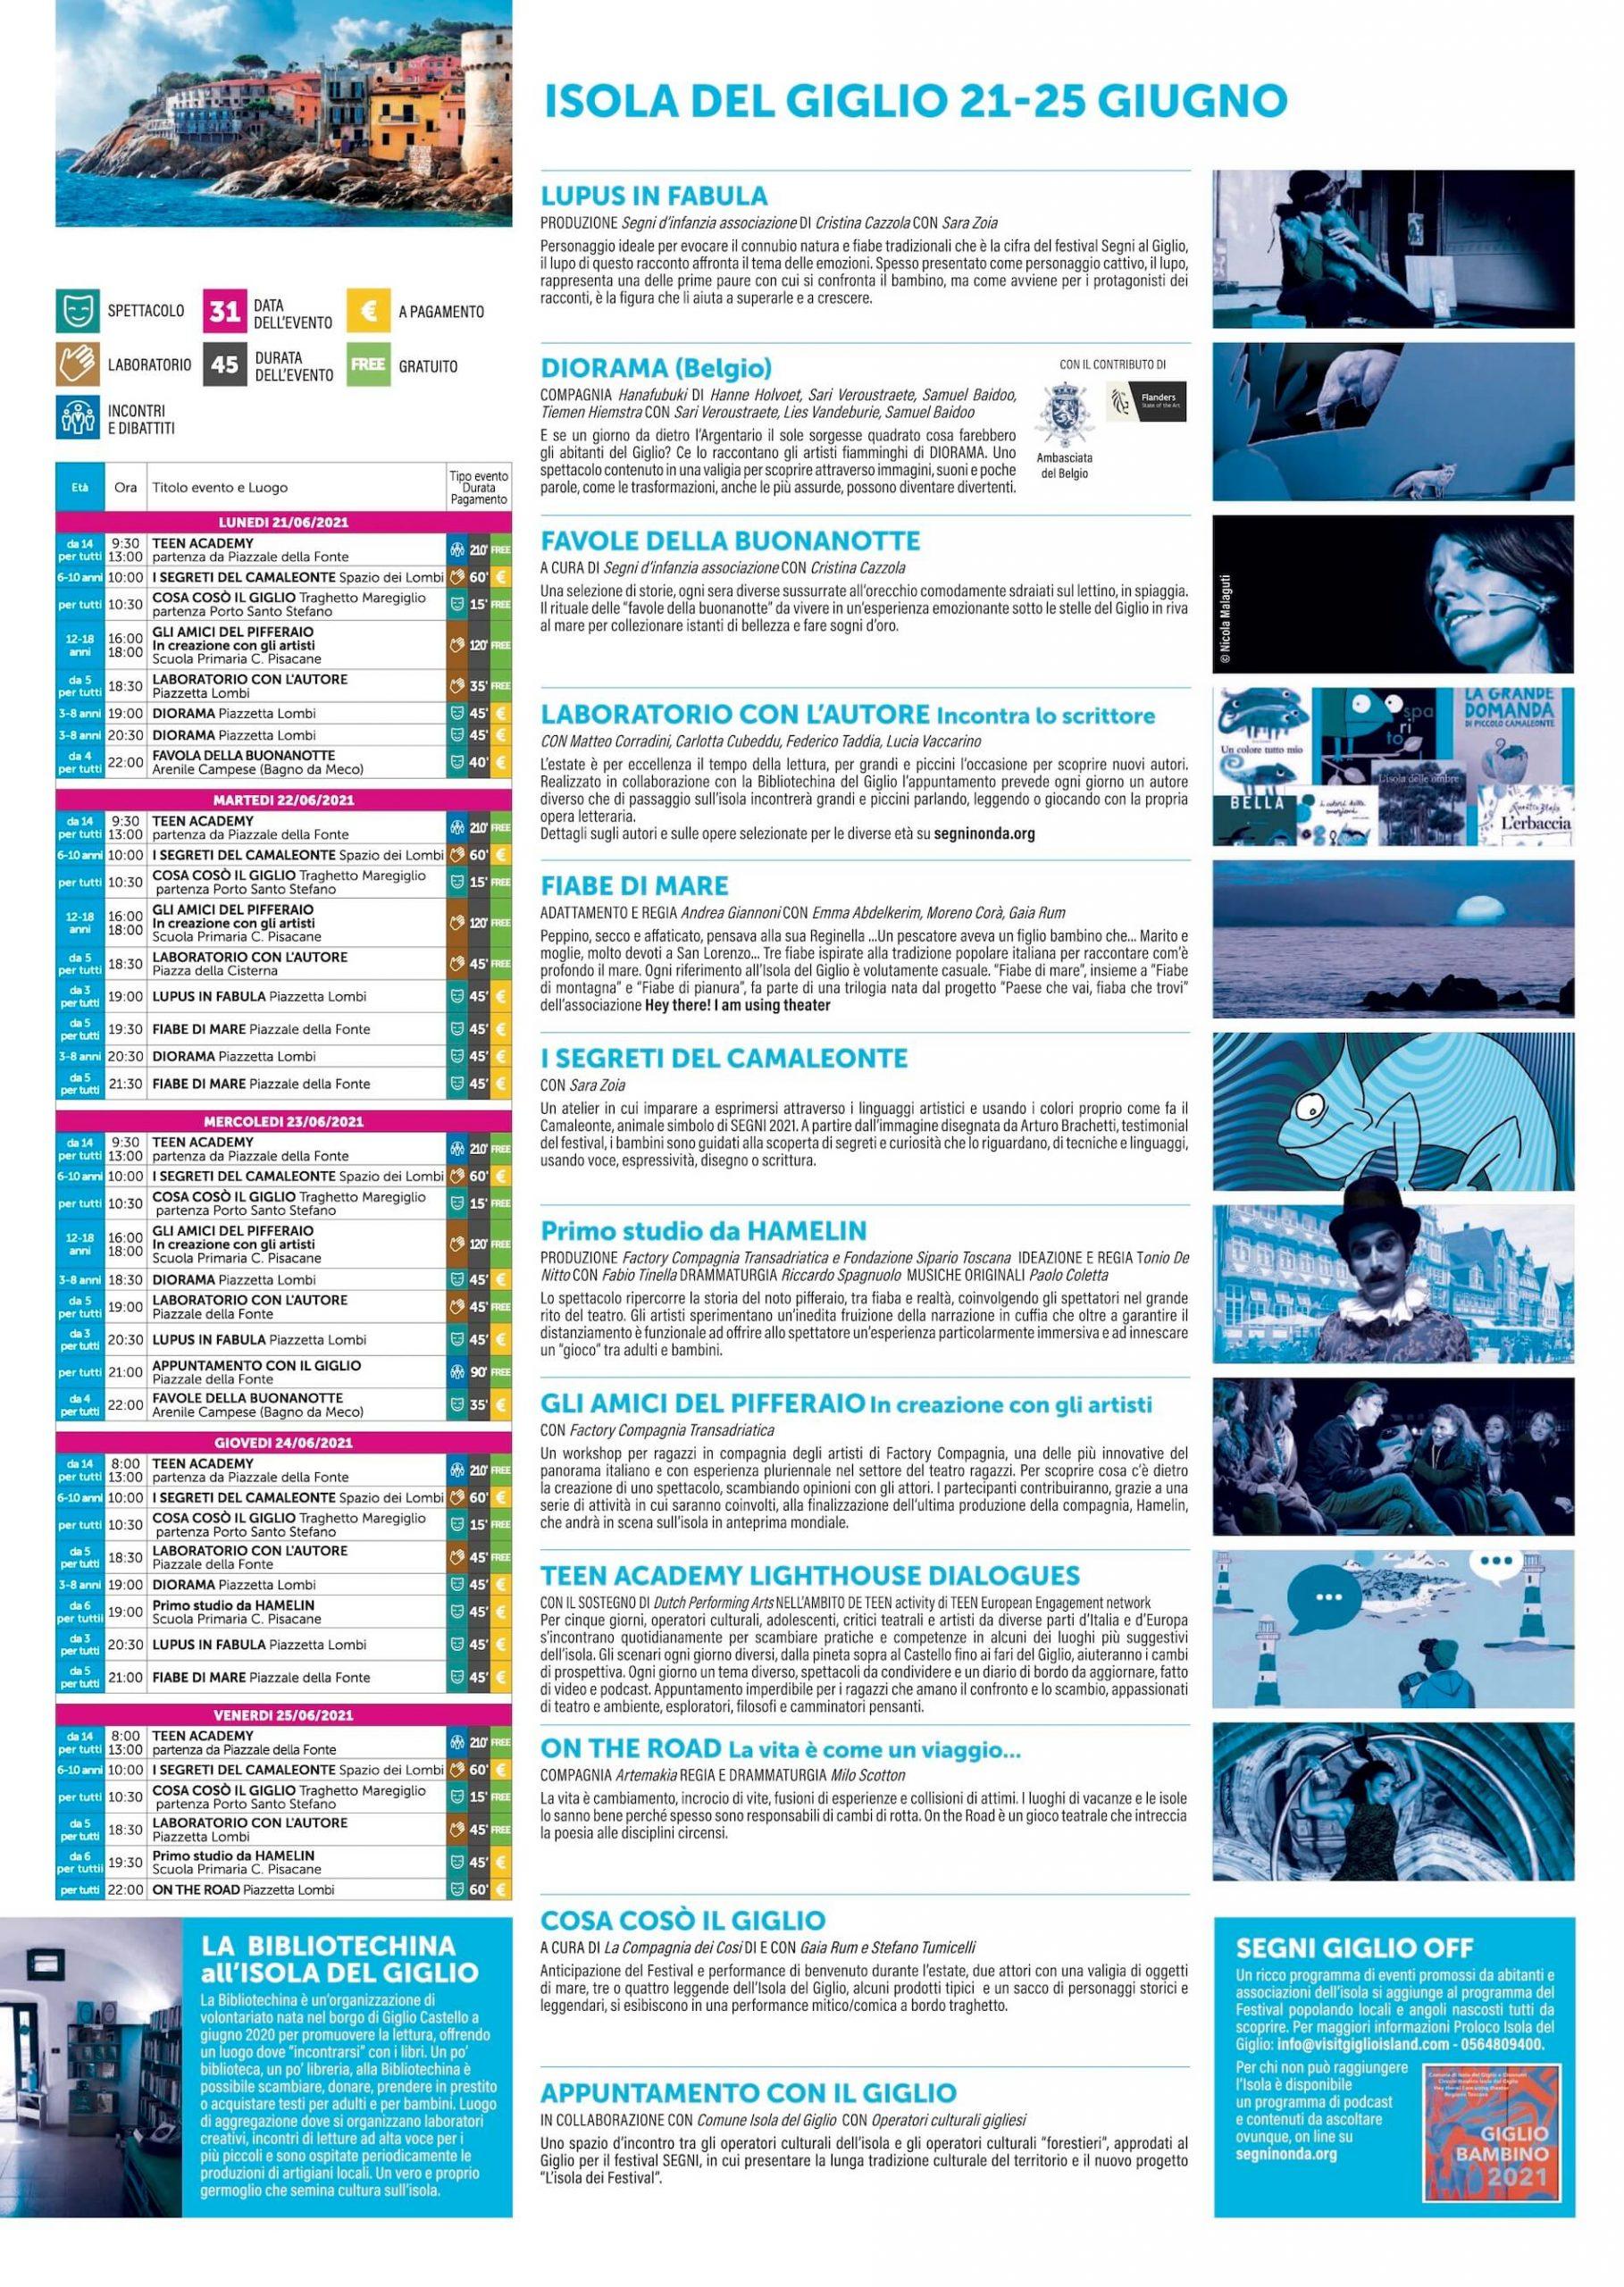 Programma Isola del Giglio 21-25 Giugno